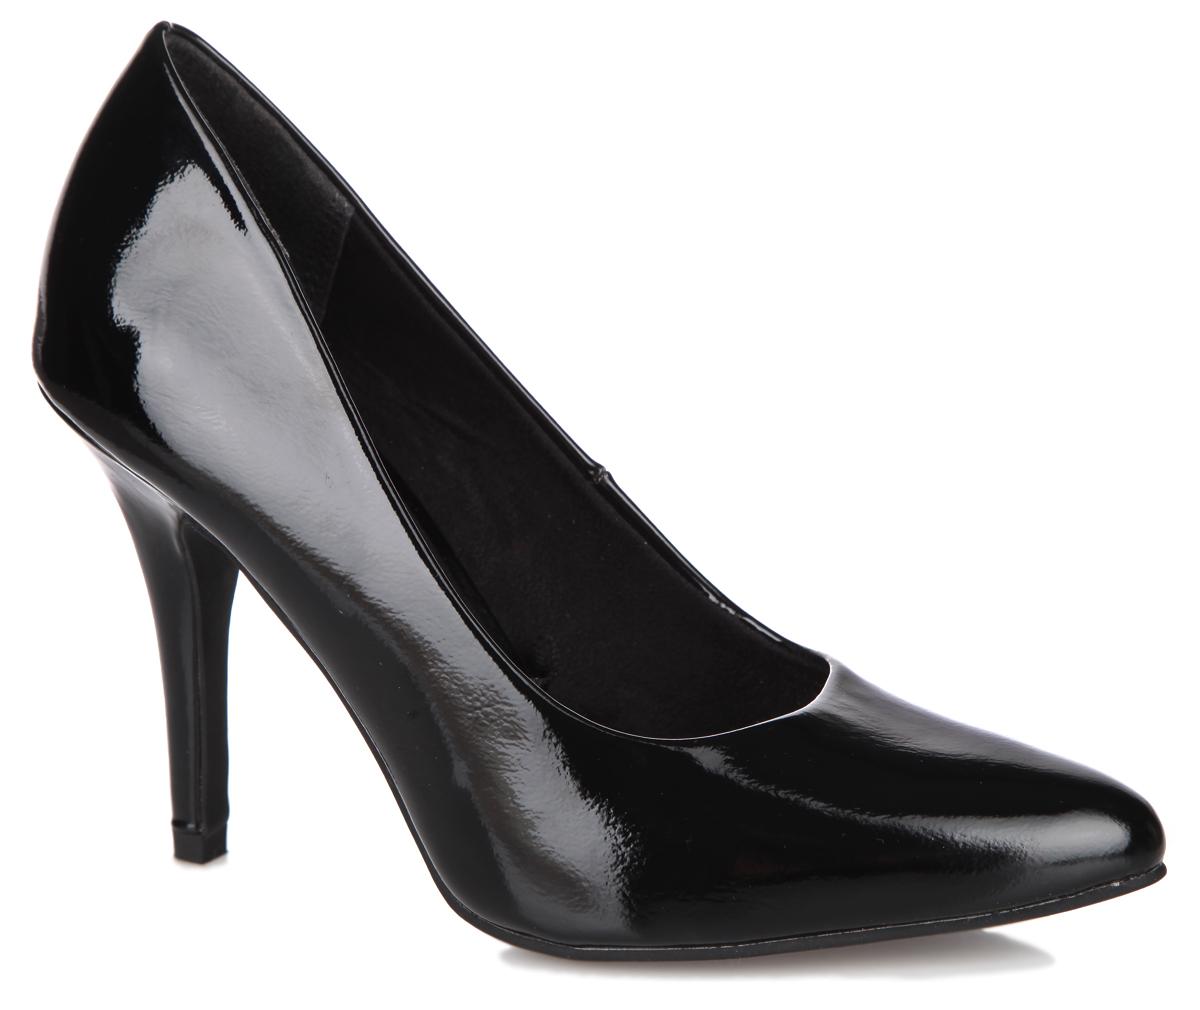 Туфли женские. 2-2-22418-25-0182-2-22418-25-018Элегантные женские туфли от Marco Tozzi займут достойное место в вашем гардеробе. Модель выполнена из искусственной кожи, покрытой лаком. Невероятно мягкая стелька - из искусственной кожи, обеспечивает максимальный комфорт при движении. Заостренный носок добавит женственности в ваш образ. Высокий каблук устойчив. Подошва с рифлением защищает изделие от скольжения. Изысканные туфли добавят шика в модный образ и подчеркнут ваш безупречный вкус.